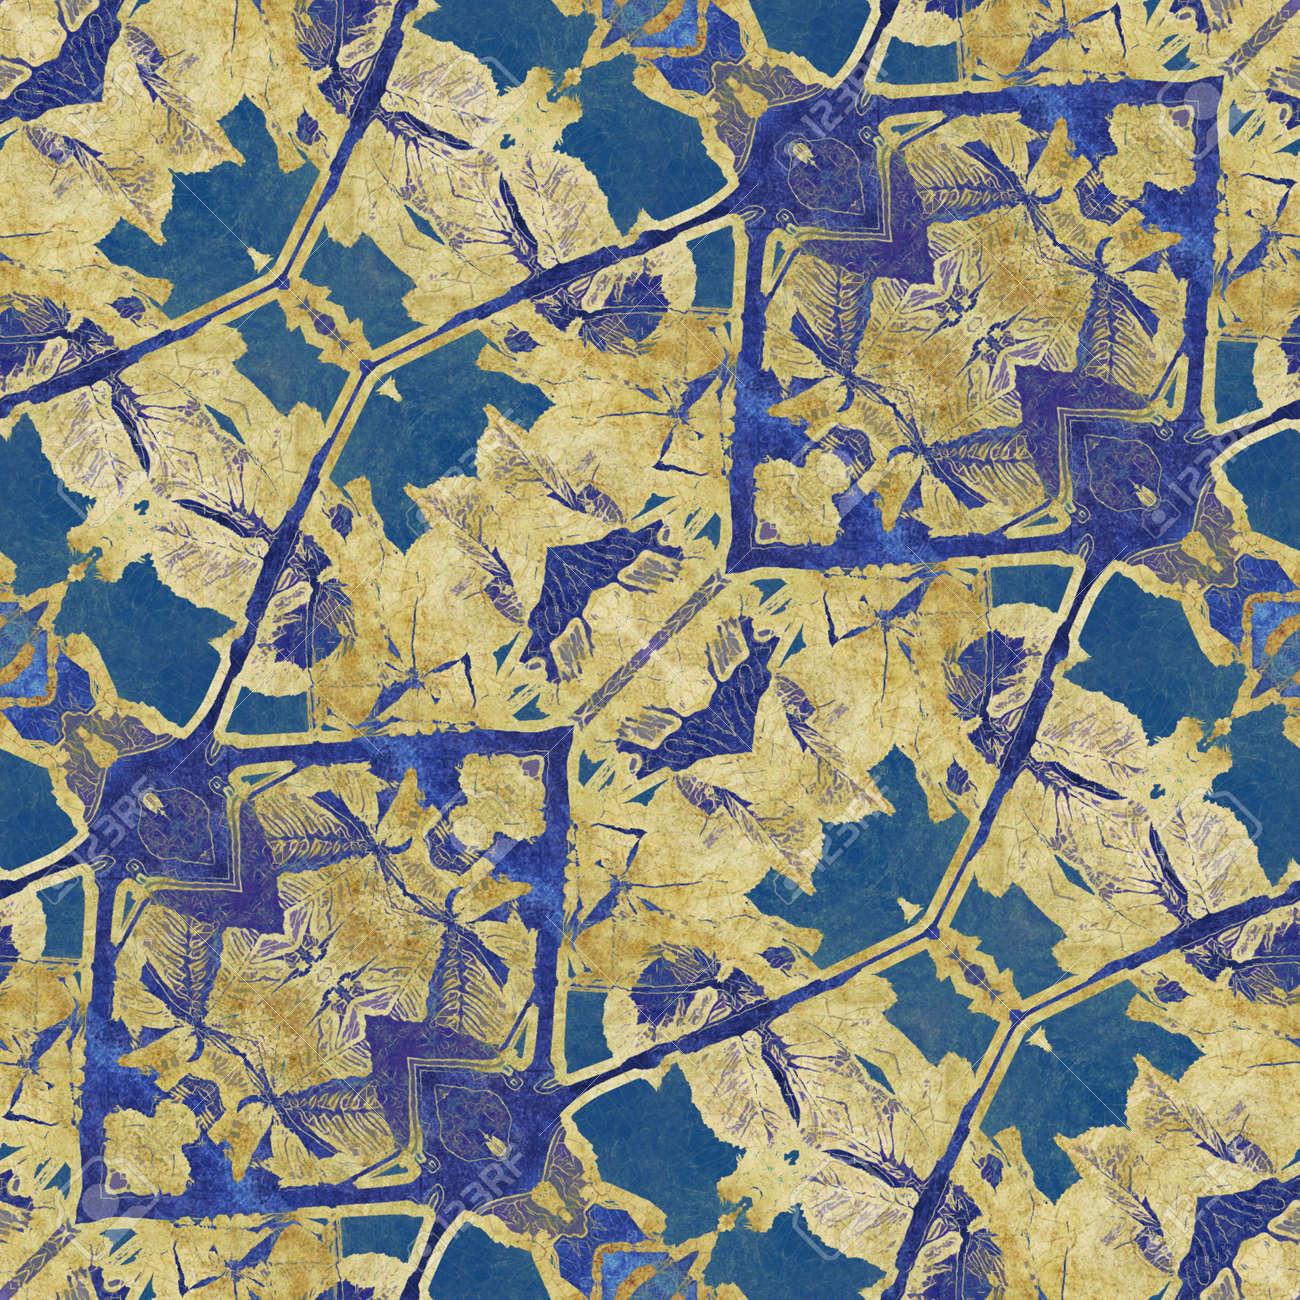 Art nouveau colorful ornamental vintage pattern in blue stock photo art nouveau colorful ornamental vintage pattern in blue stock photo 17395559 gumiabroncs Gallery